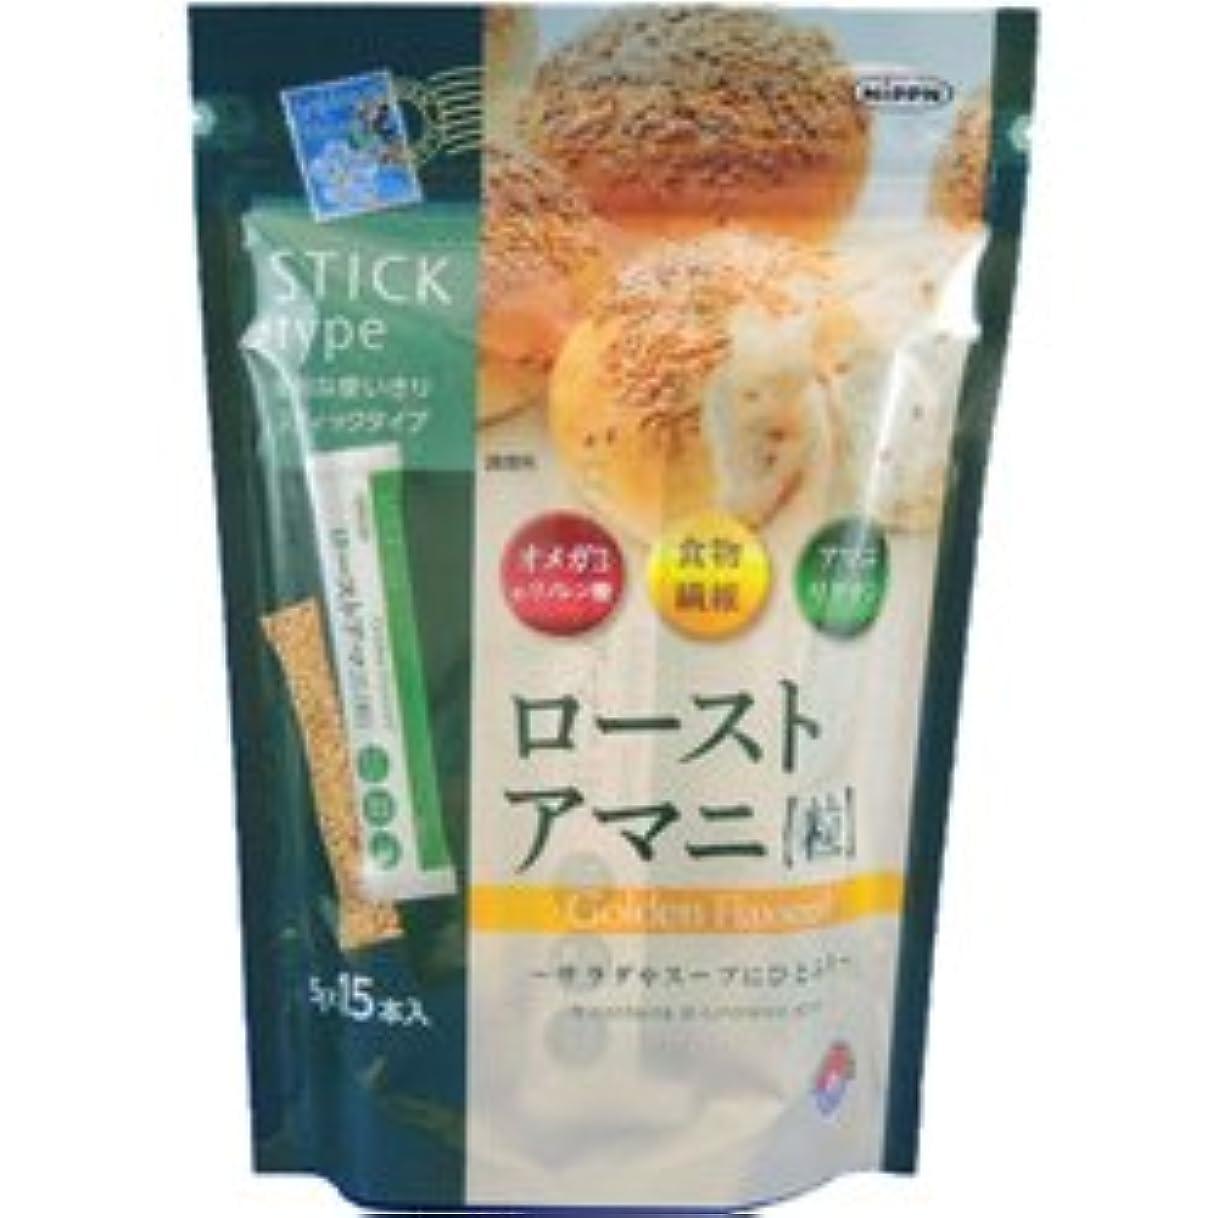 変更可能ノイズまもなく【日本製粉】ローストアマニ粒 75g ×20個セット